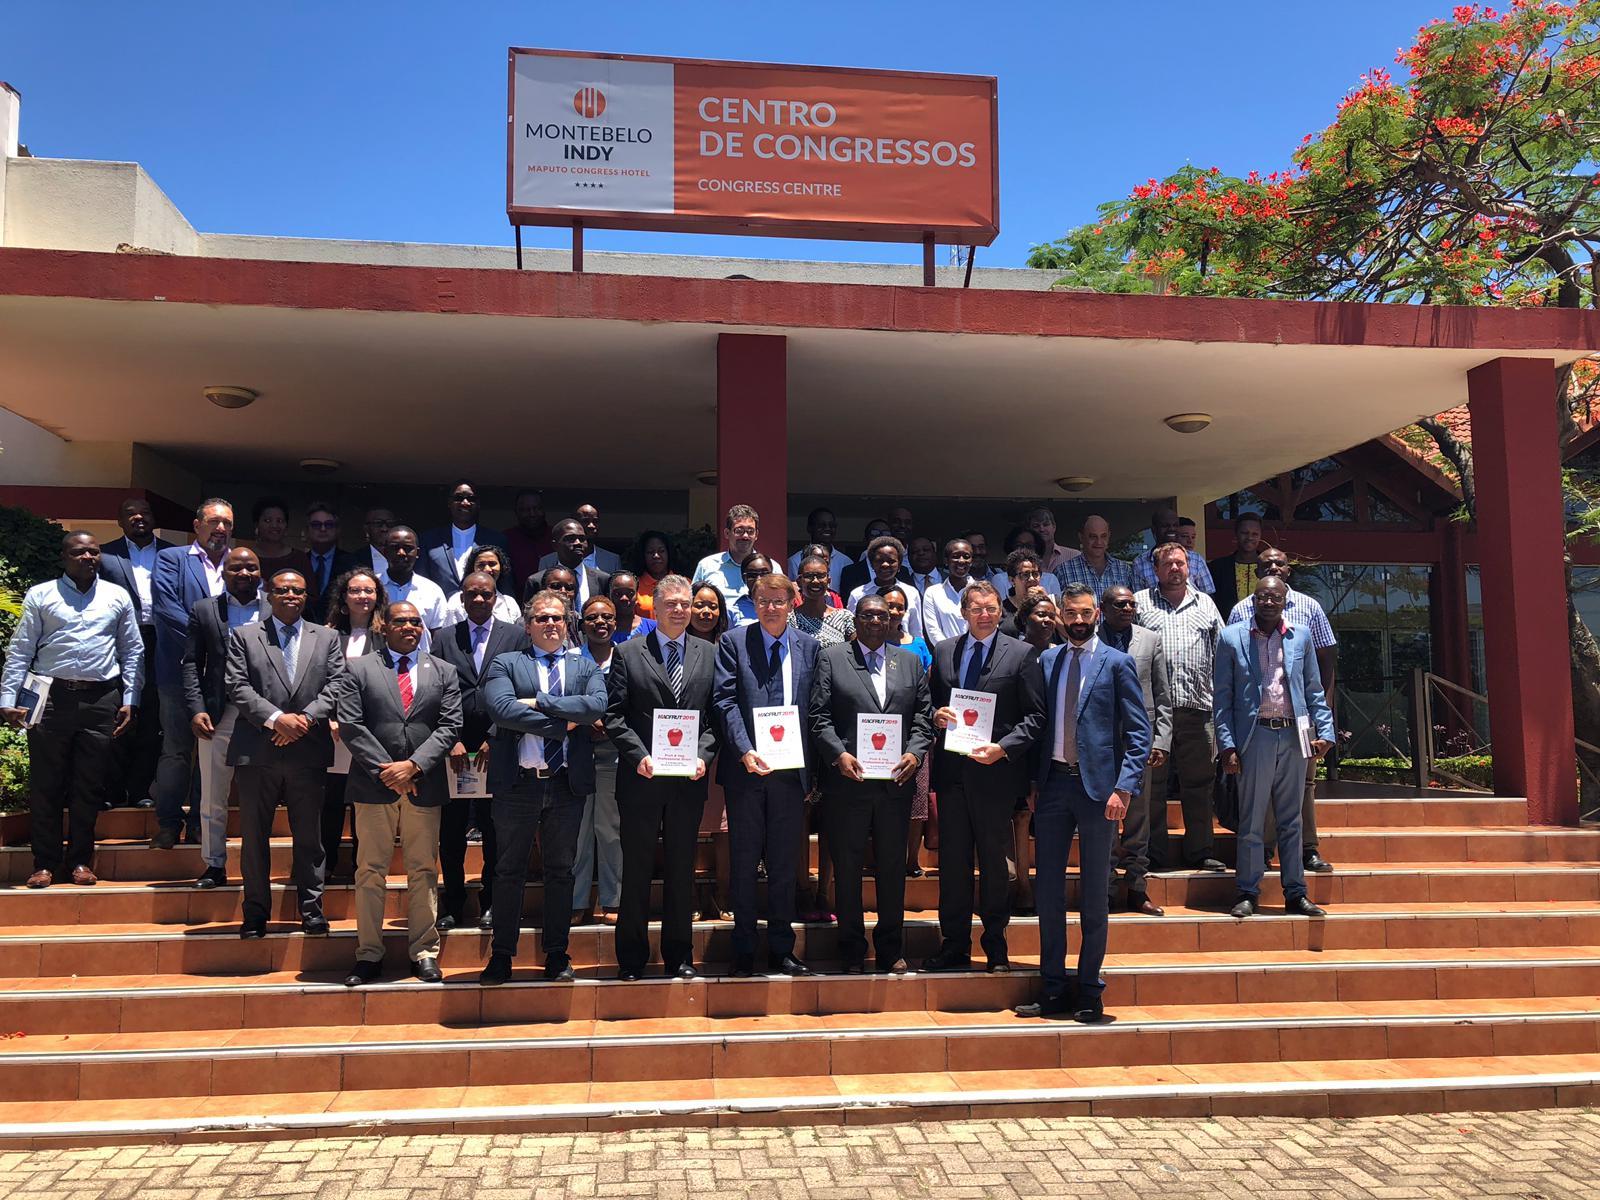 UNIDO ITPO Italy organizza la prima missione ufficiale di Macfrut in Mozambico